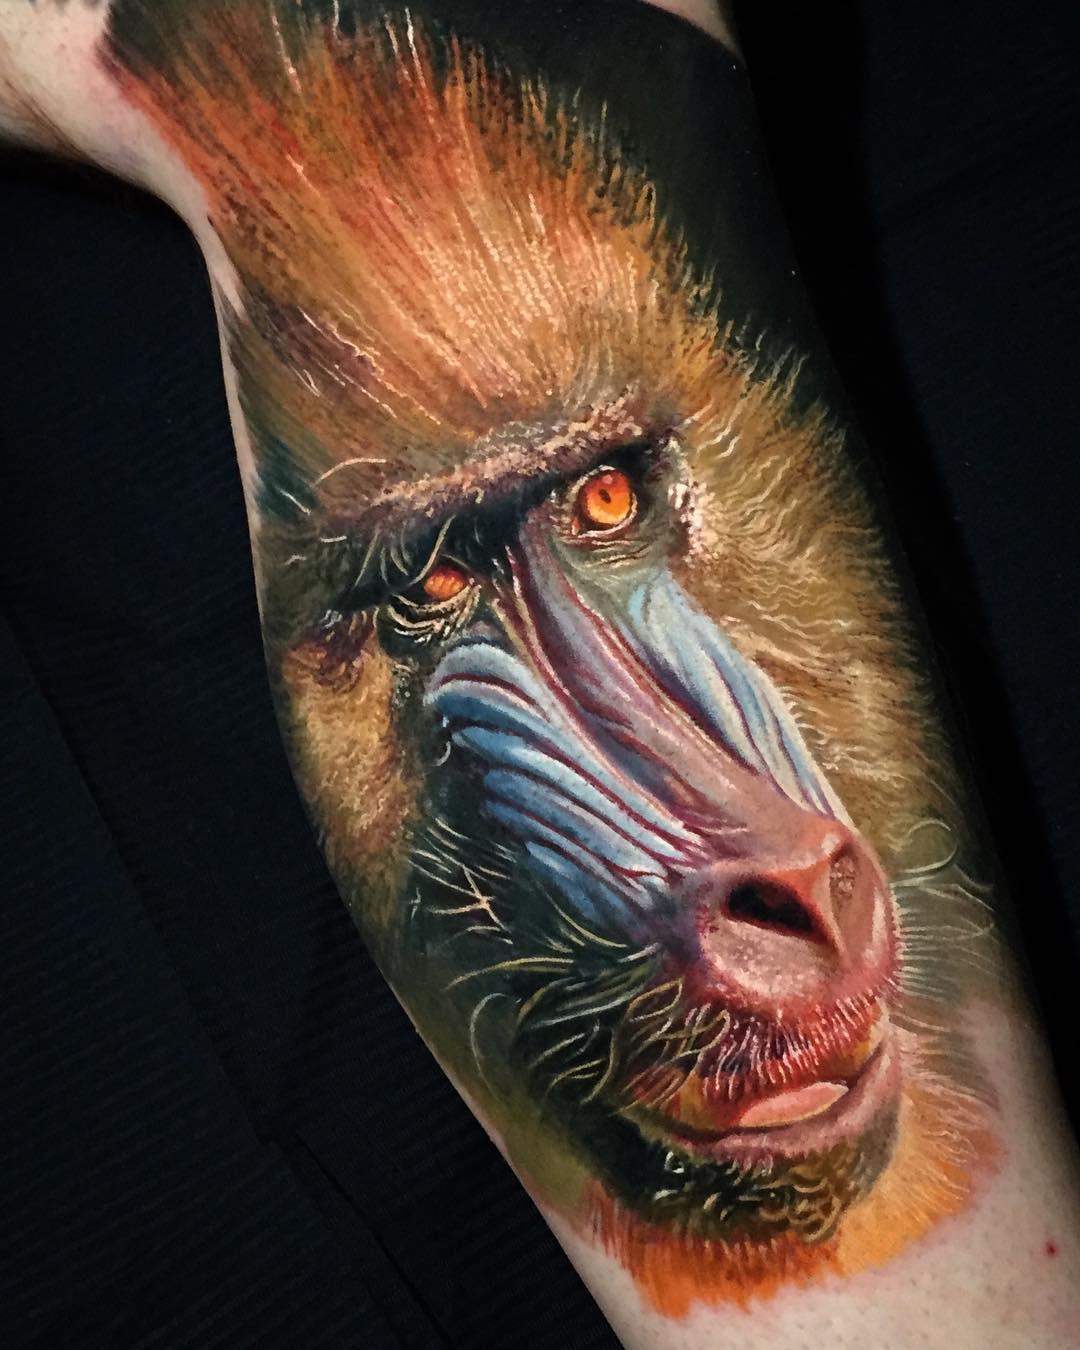 Борис, Boris Tattoo, Марио Барт, Intenze Tattoo Ink, фэнтези в реализме